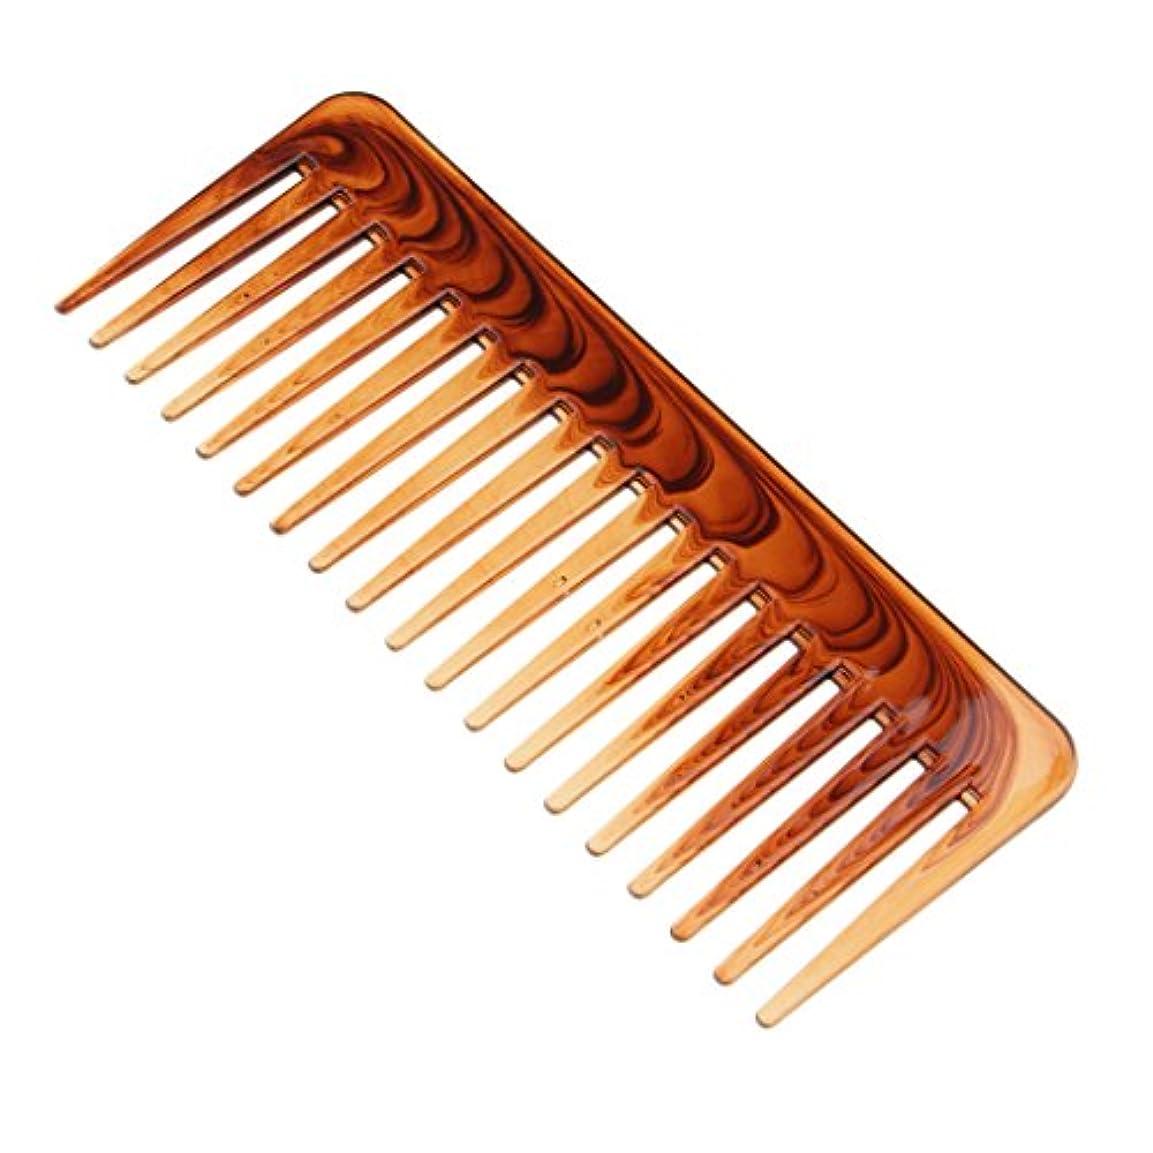 遠近法使い込む依存Kesoto ワイド歯ブラシ 髪の櫛 櫛 ヘアブラシ プラスチック製